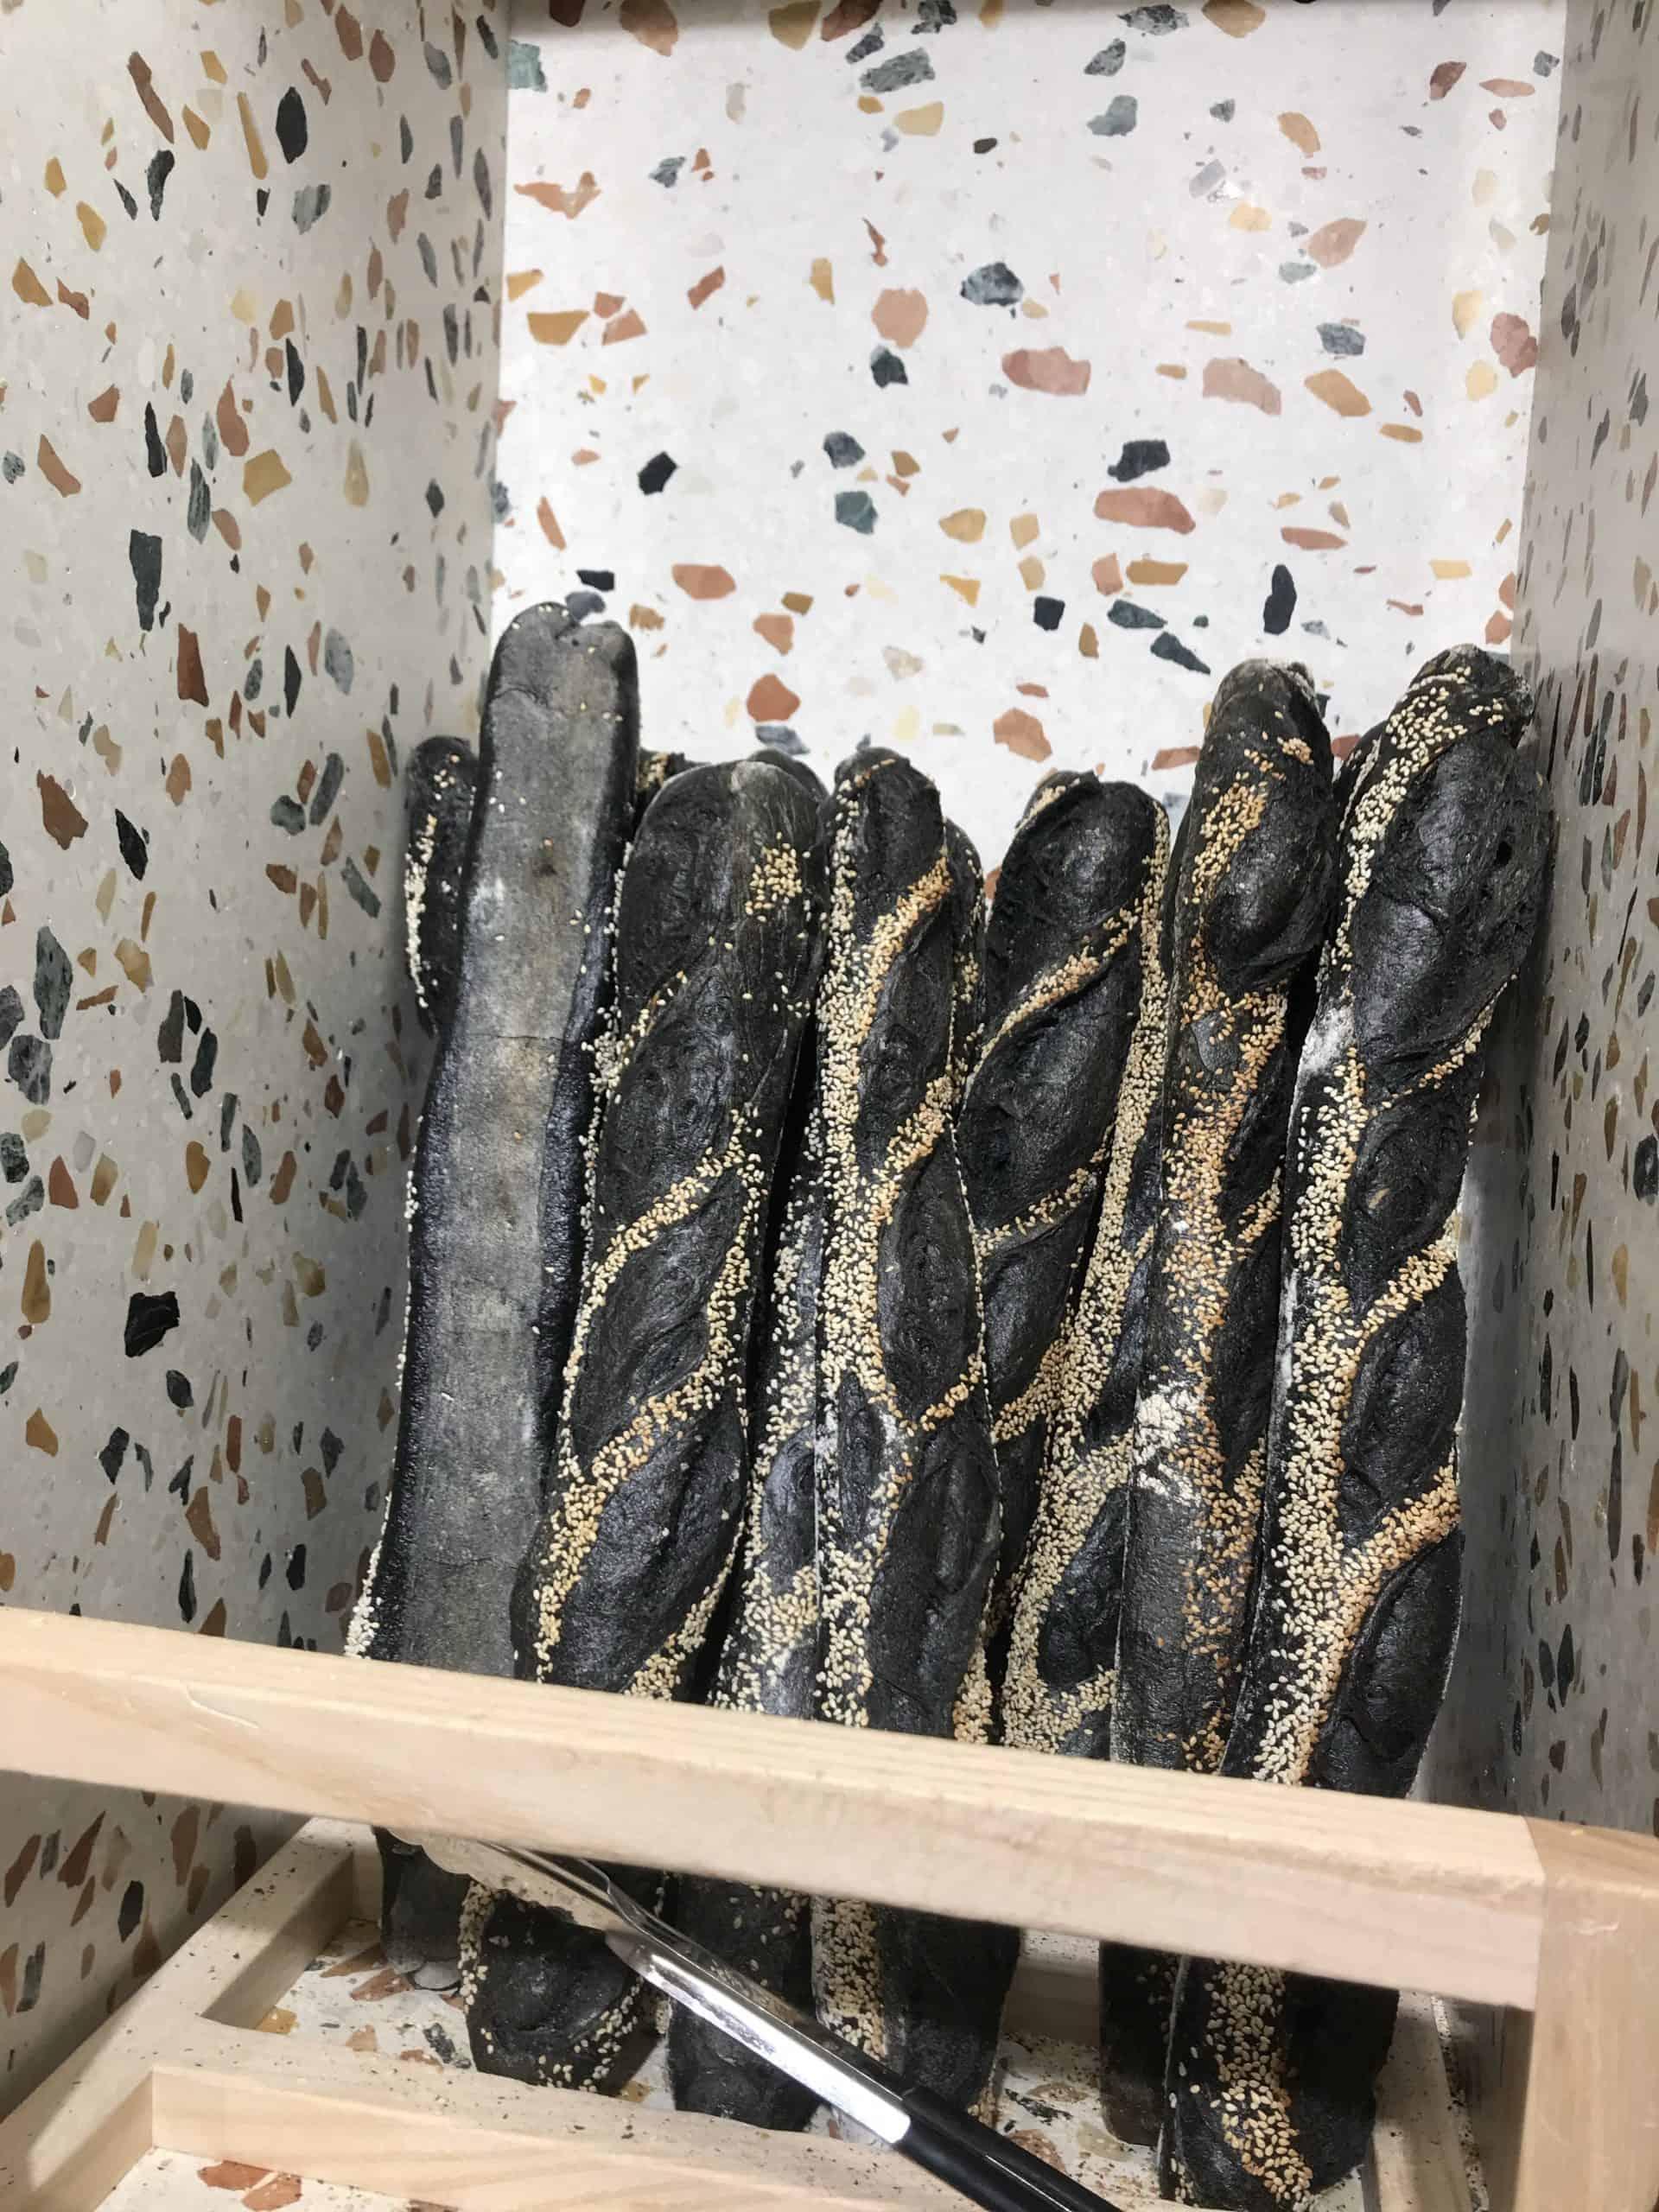 baguette au charbon vegetal paris galeries lafayette